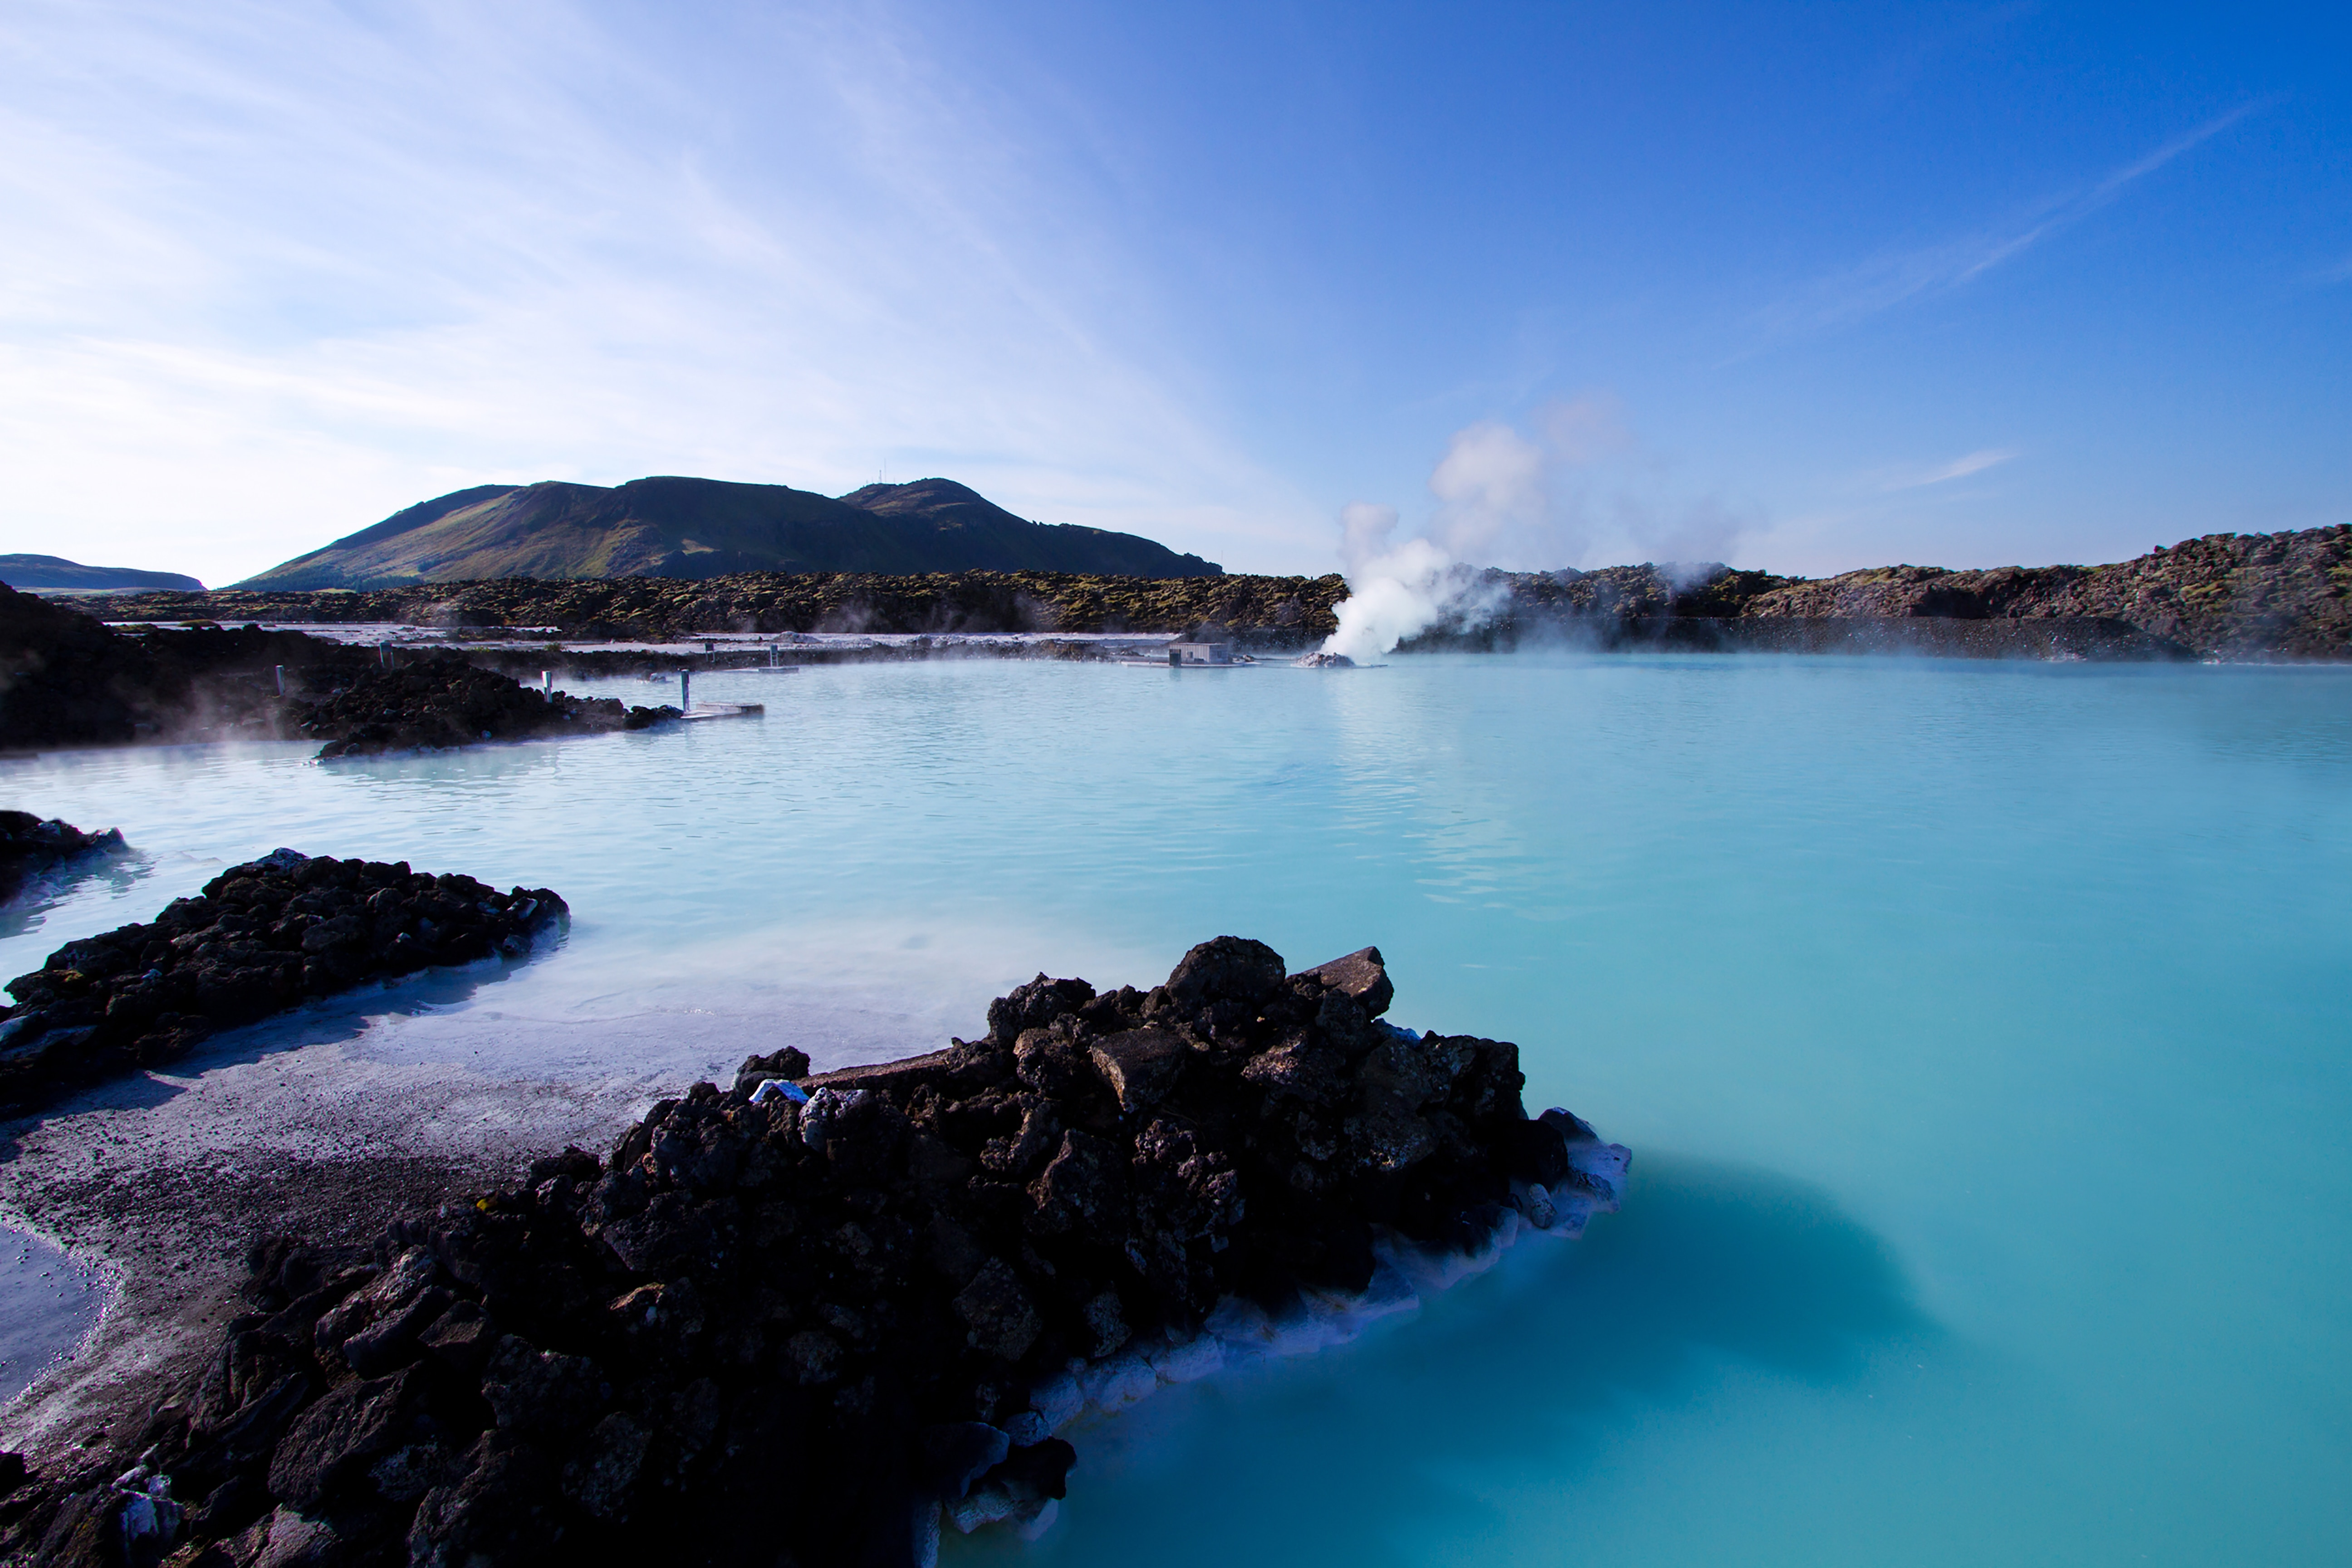 ブルーラグーンはアイスランドの温泉観光地!世界最大の露天風呂を満喫